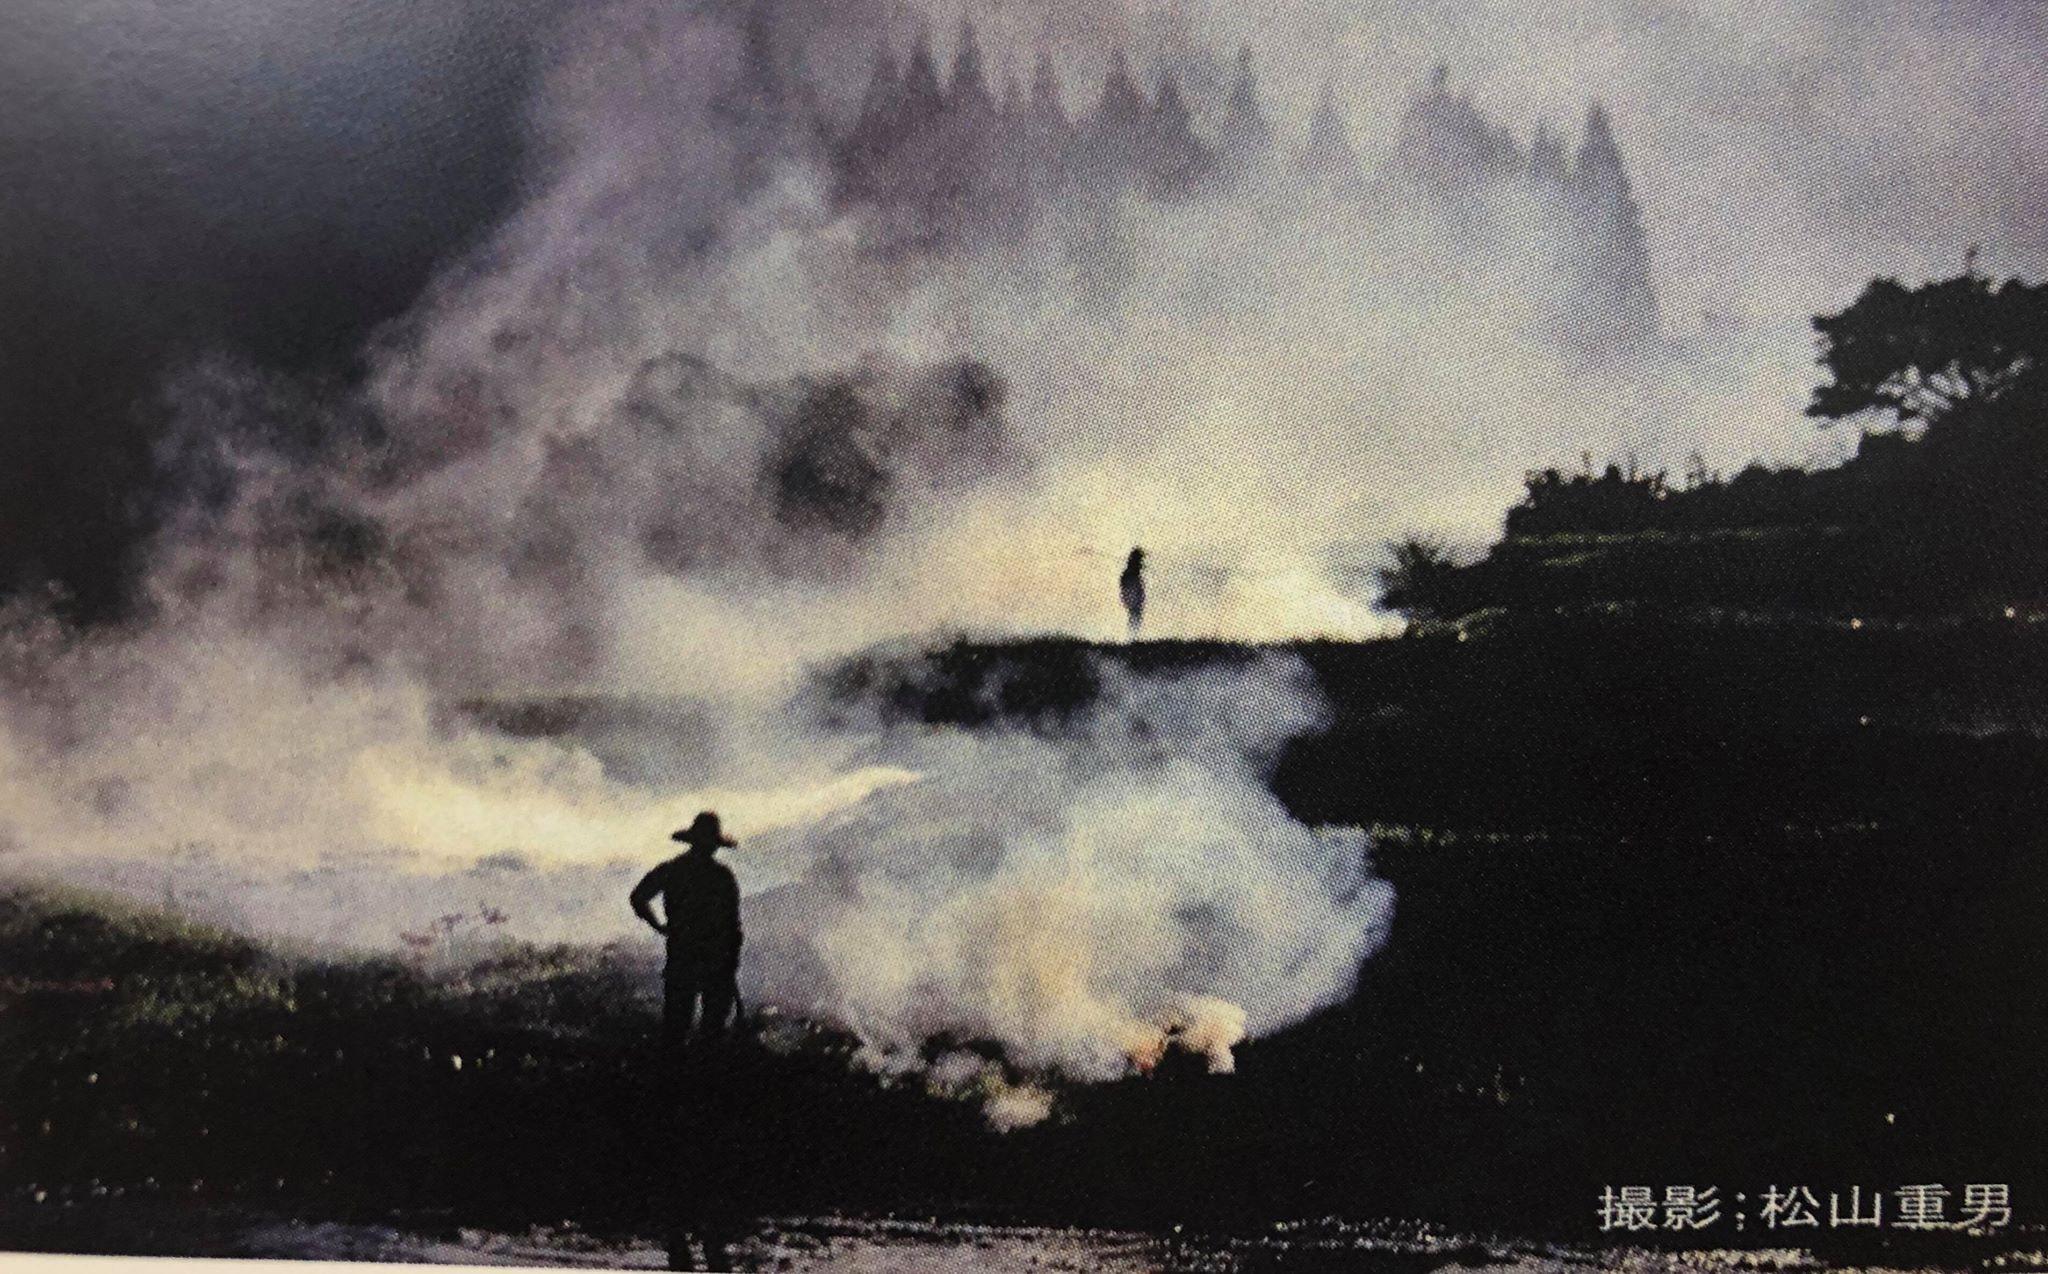 日本リアリズム写真集団鹿児島支部写真展